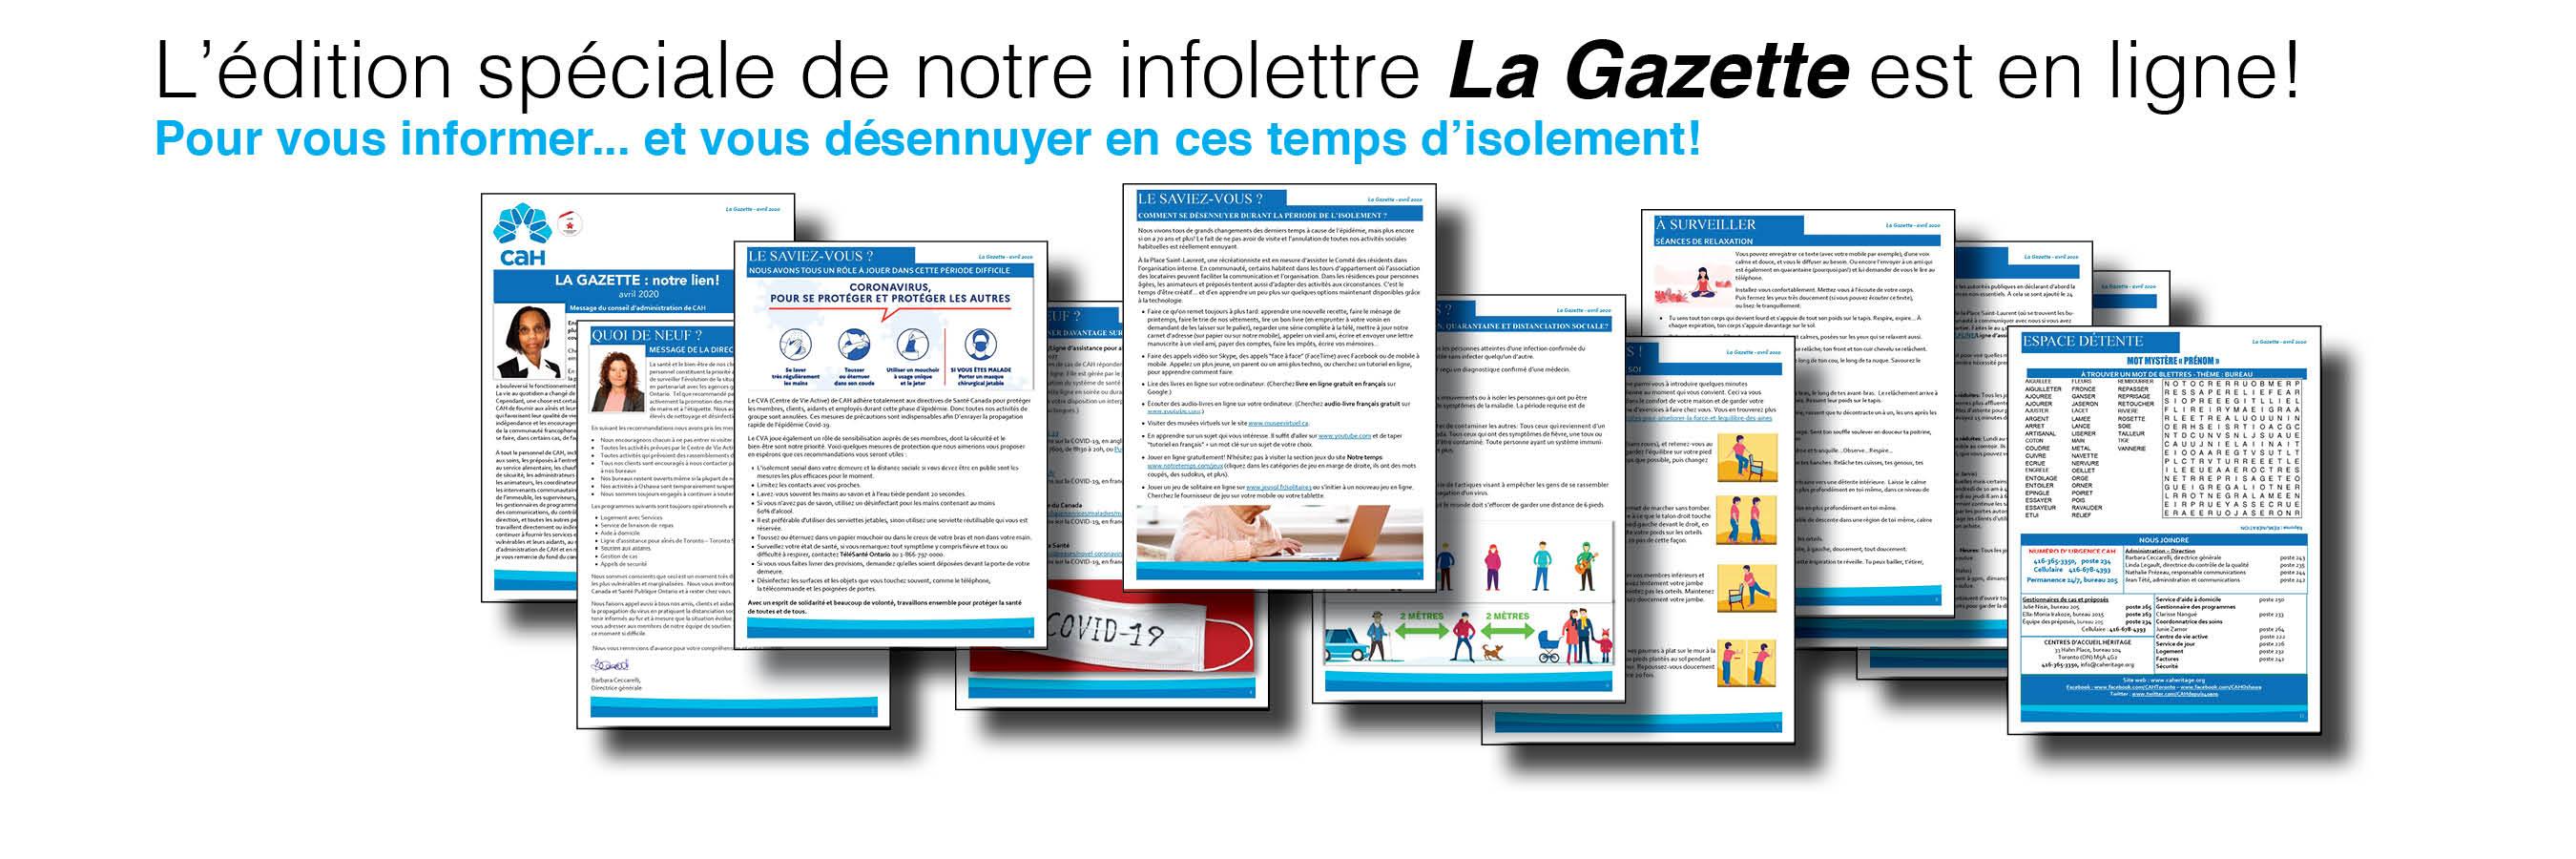 L'édition spéciale de La Gazette AVRIL 2020 est en ligne